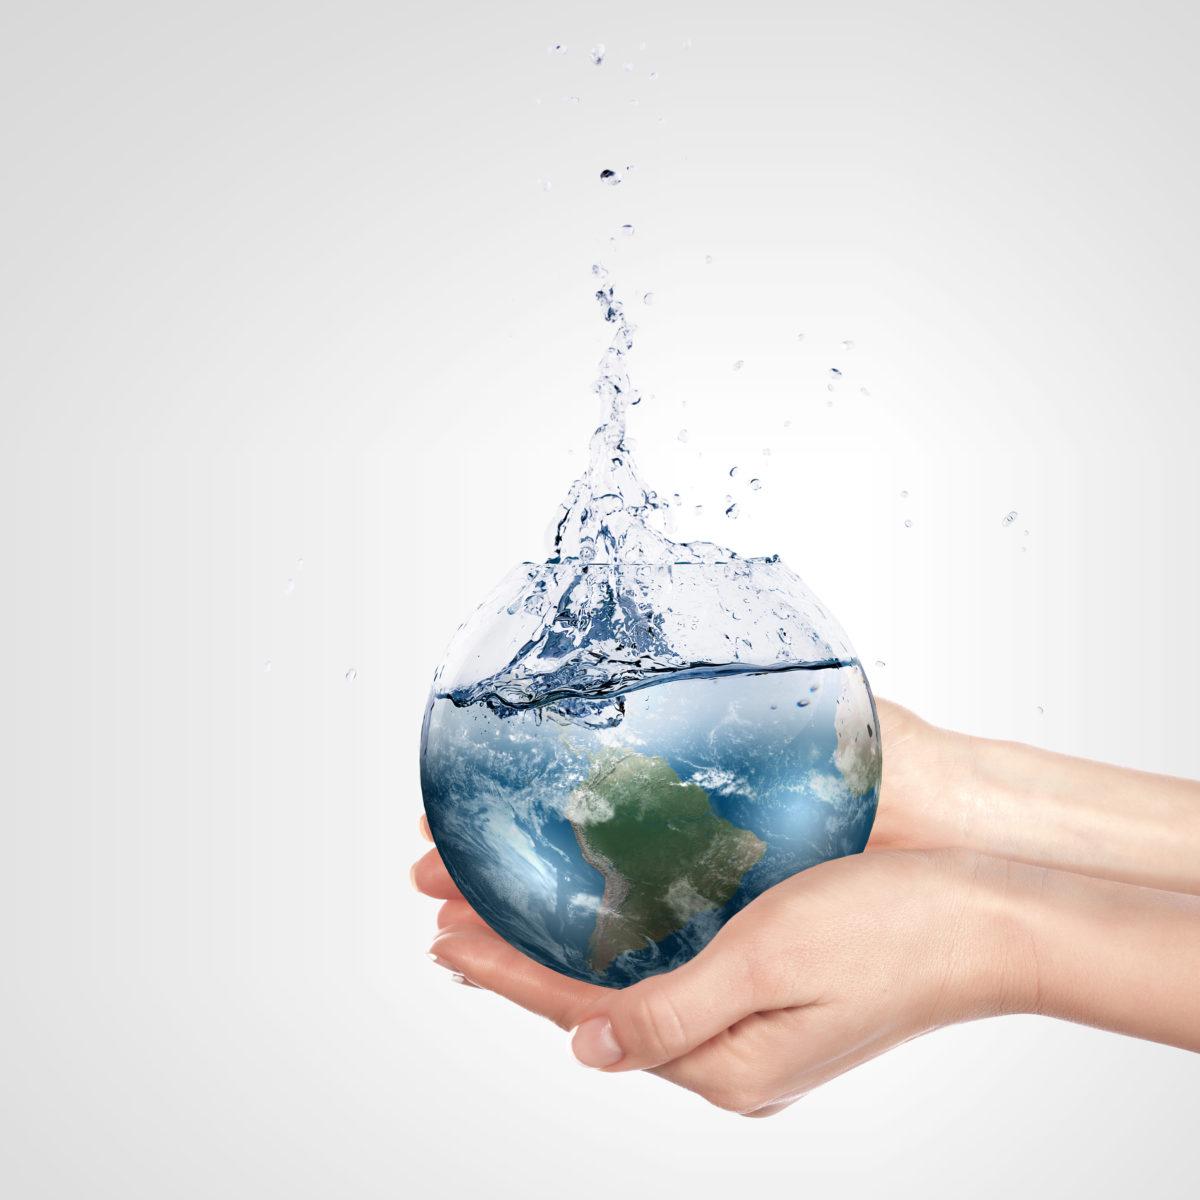 """""""Acqua nelle nostre mani"""" di Finish: un progetto di efficientamento idrico"""